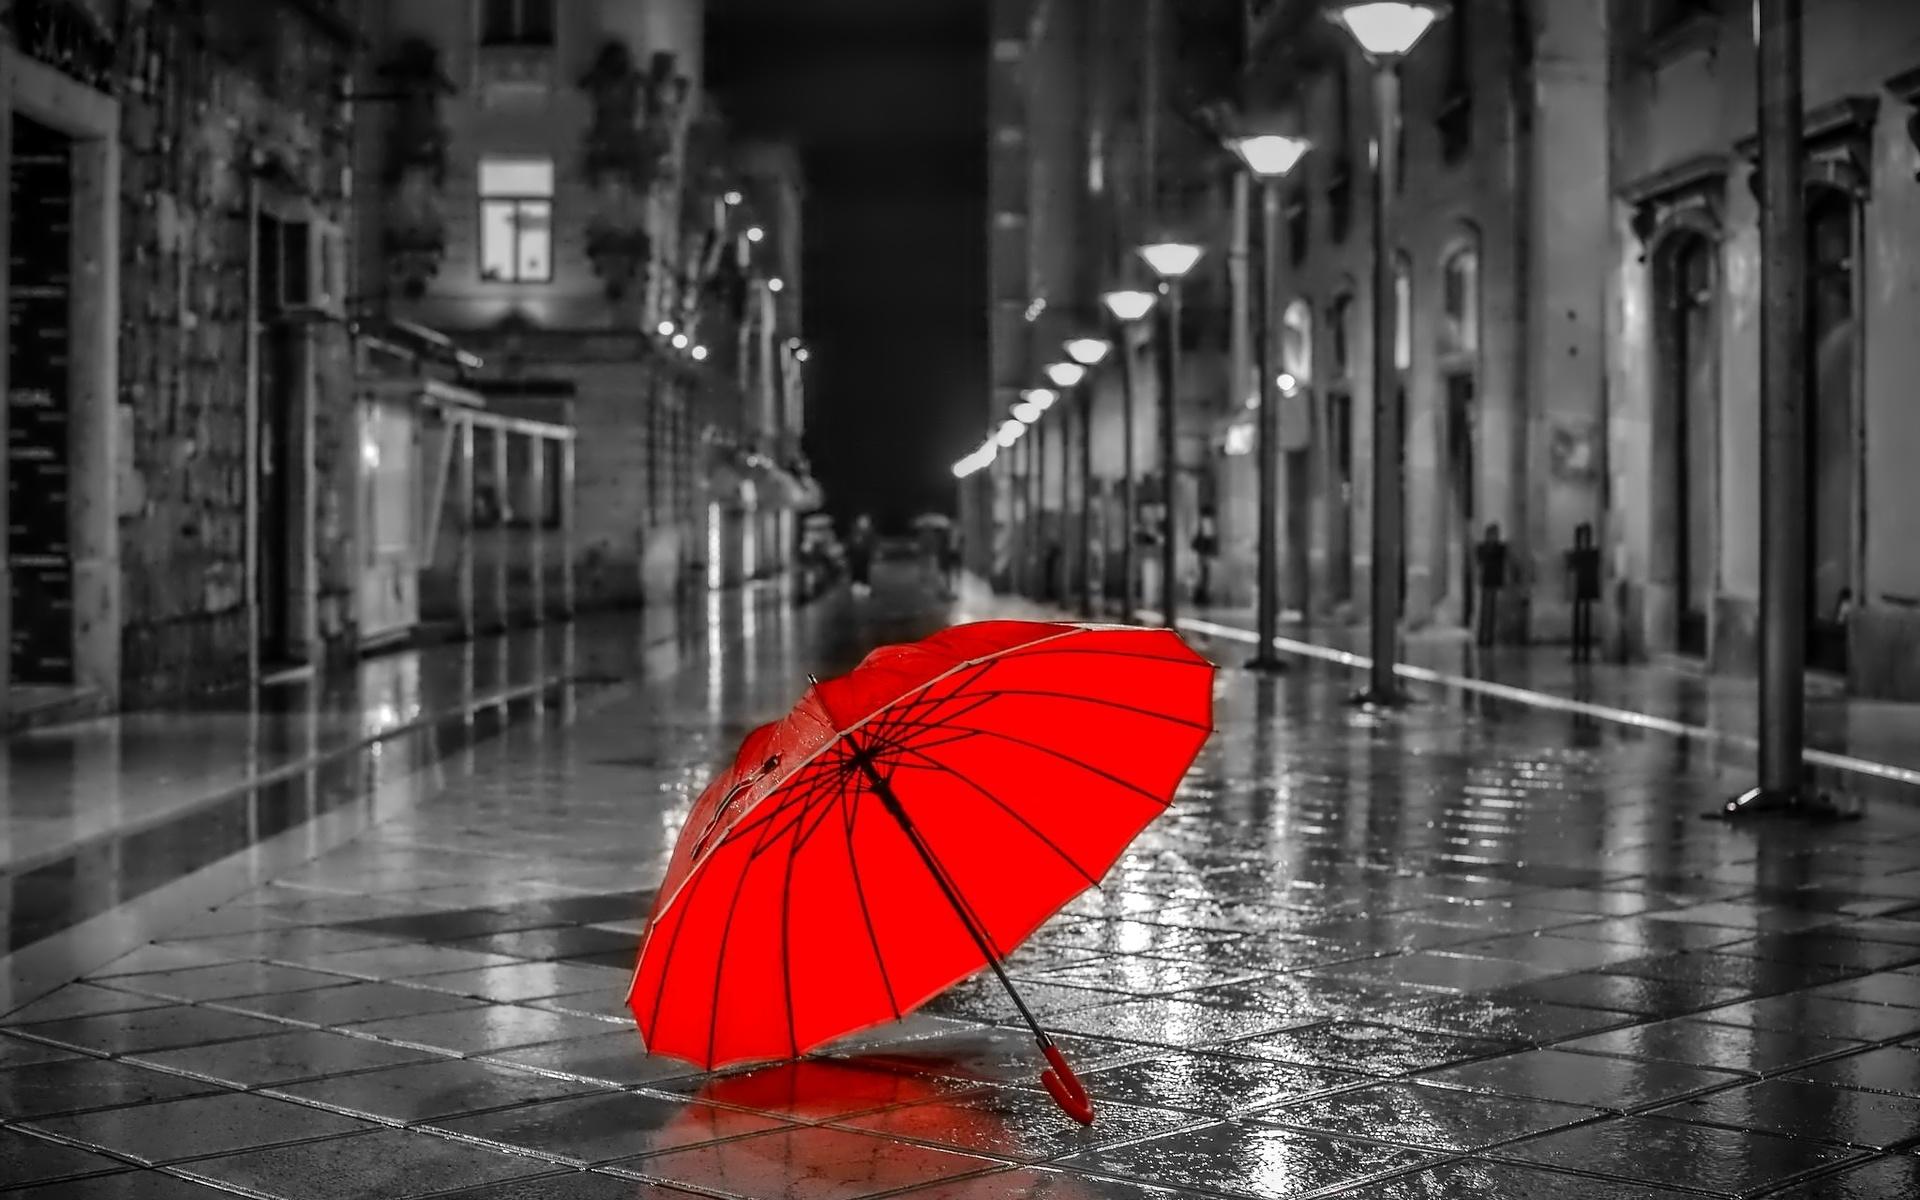 дождь на улице картинка для печати асфальте